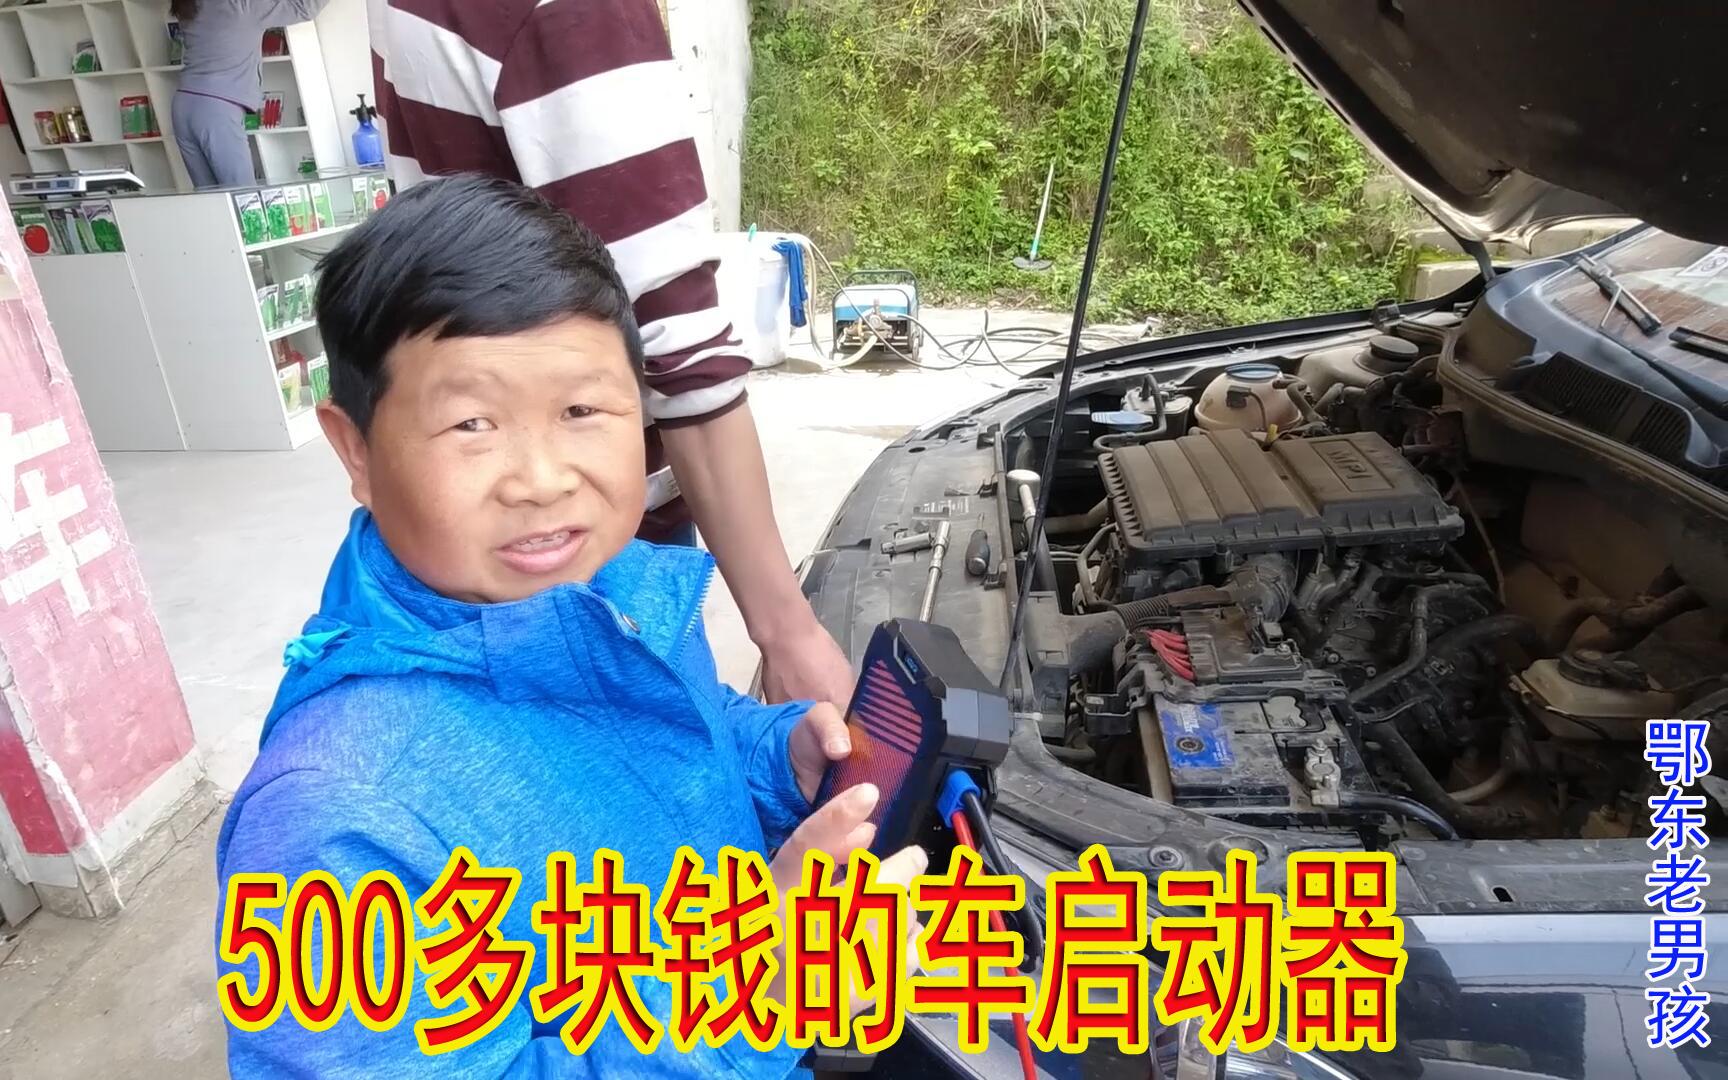 550块钱买的超级电容汽车启动器,老男孩拆开看看有什么过人之处